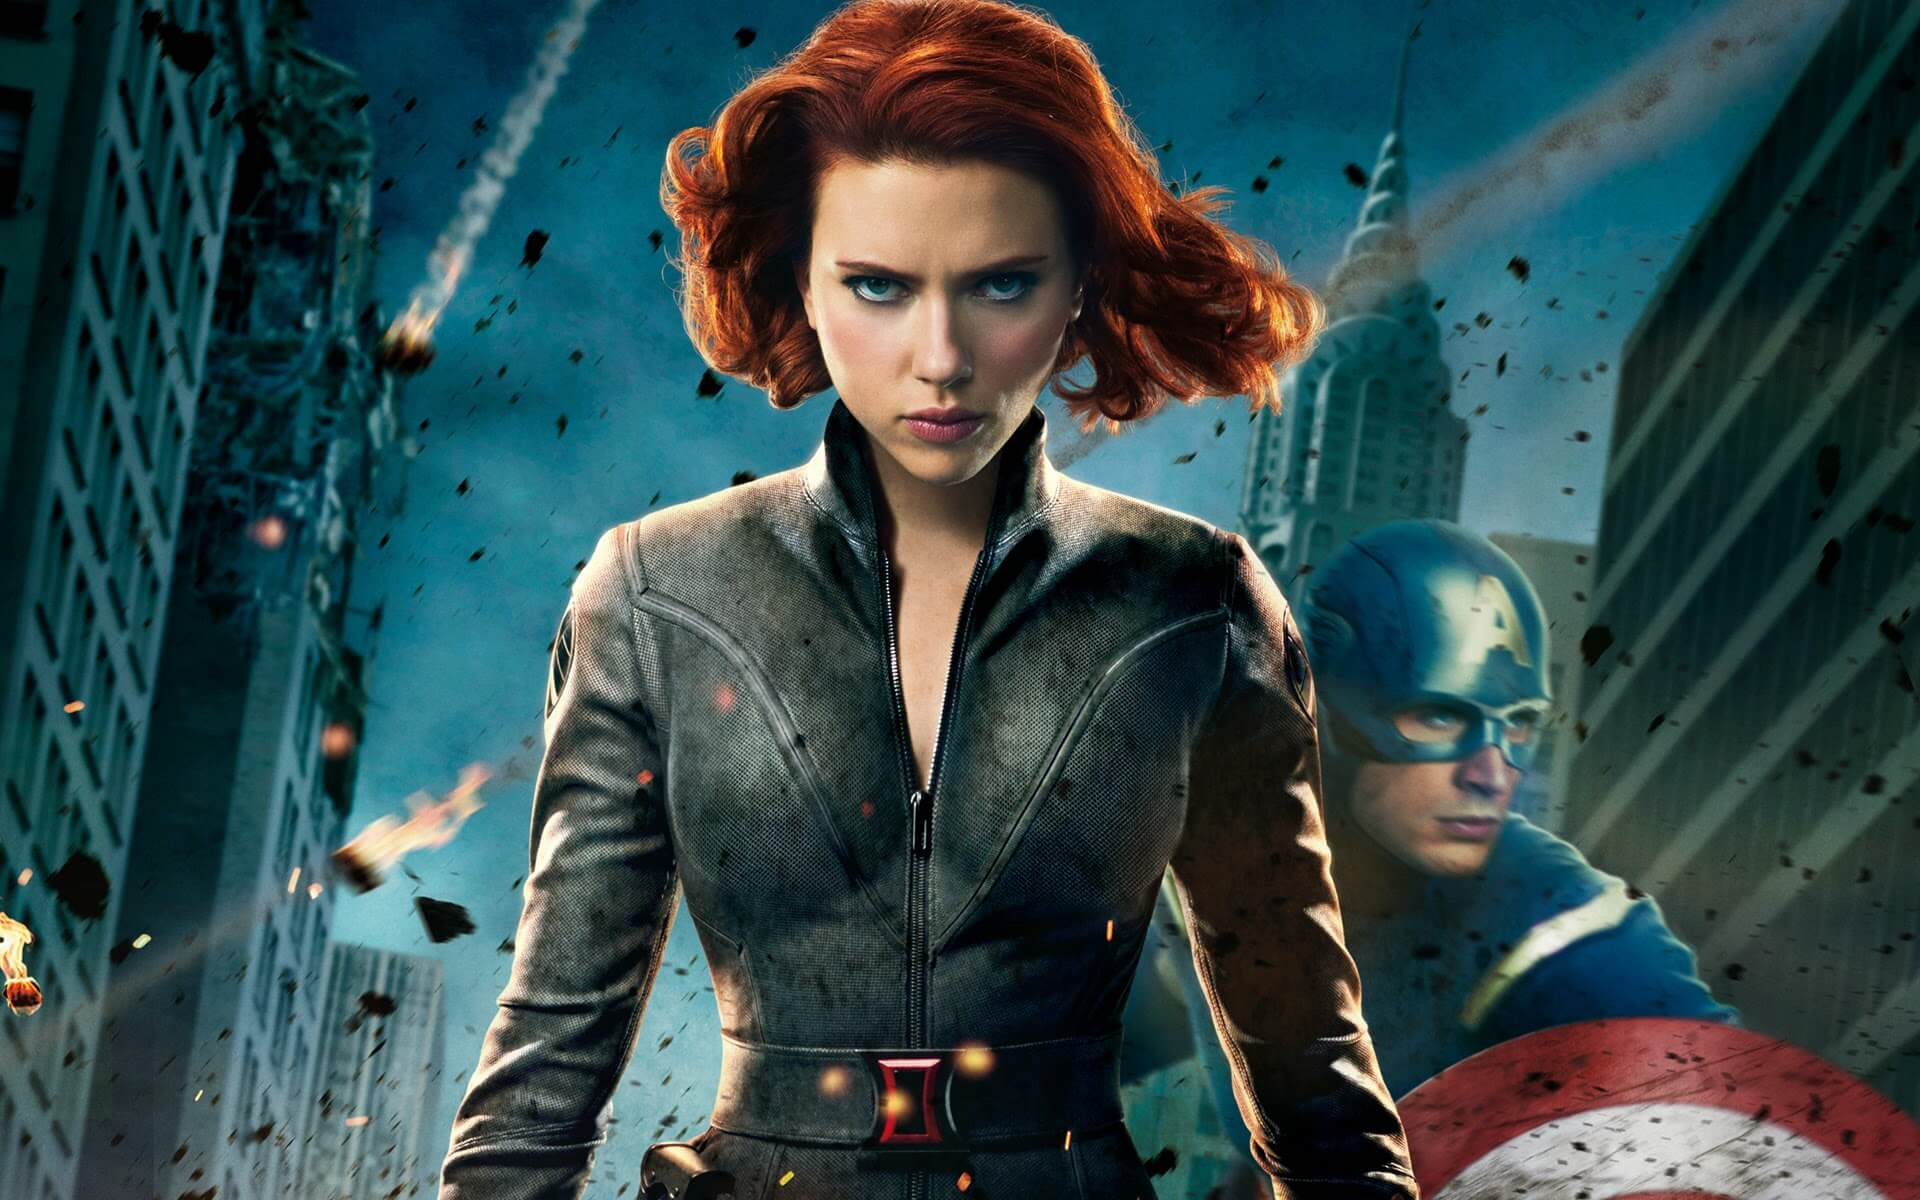 《黑寡婦》(Black Widow) 史嘉蕾喬韓森